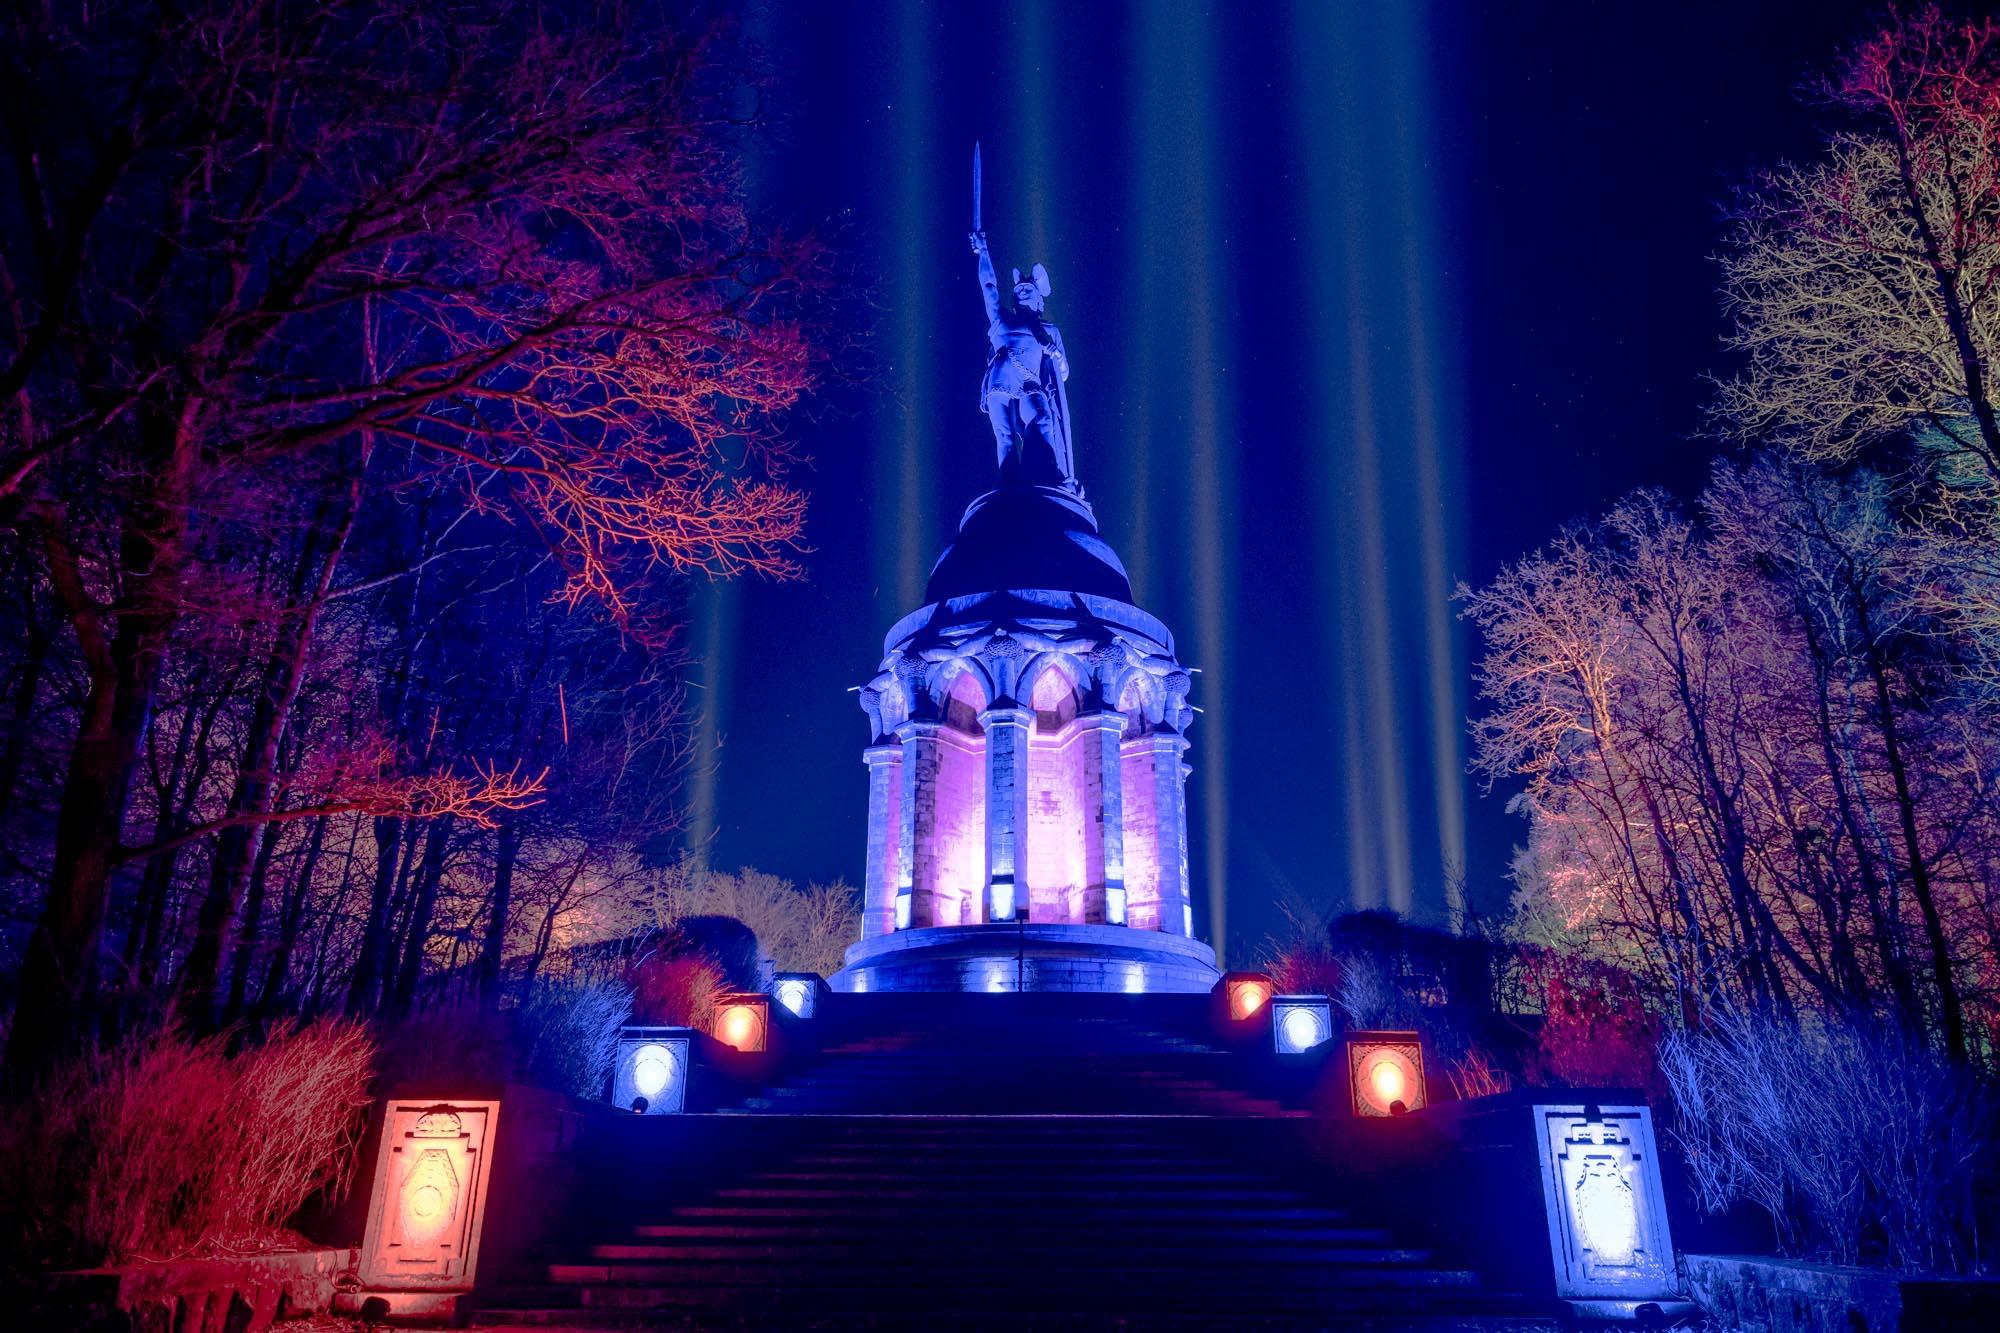 Hermann leuchtet 2018 Hermannsdenkmal Detmold